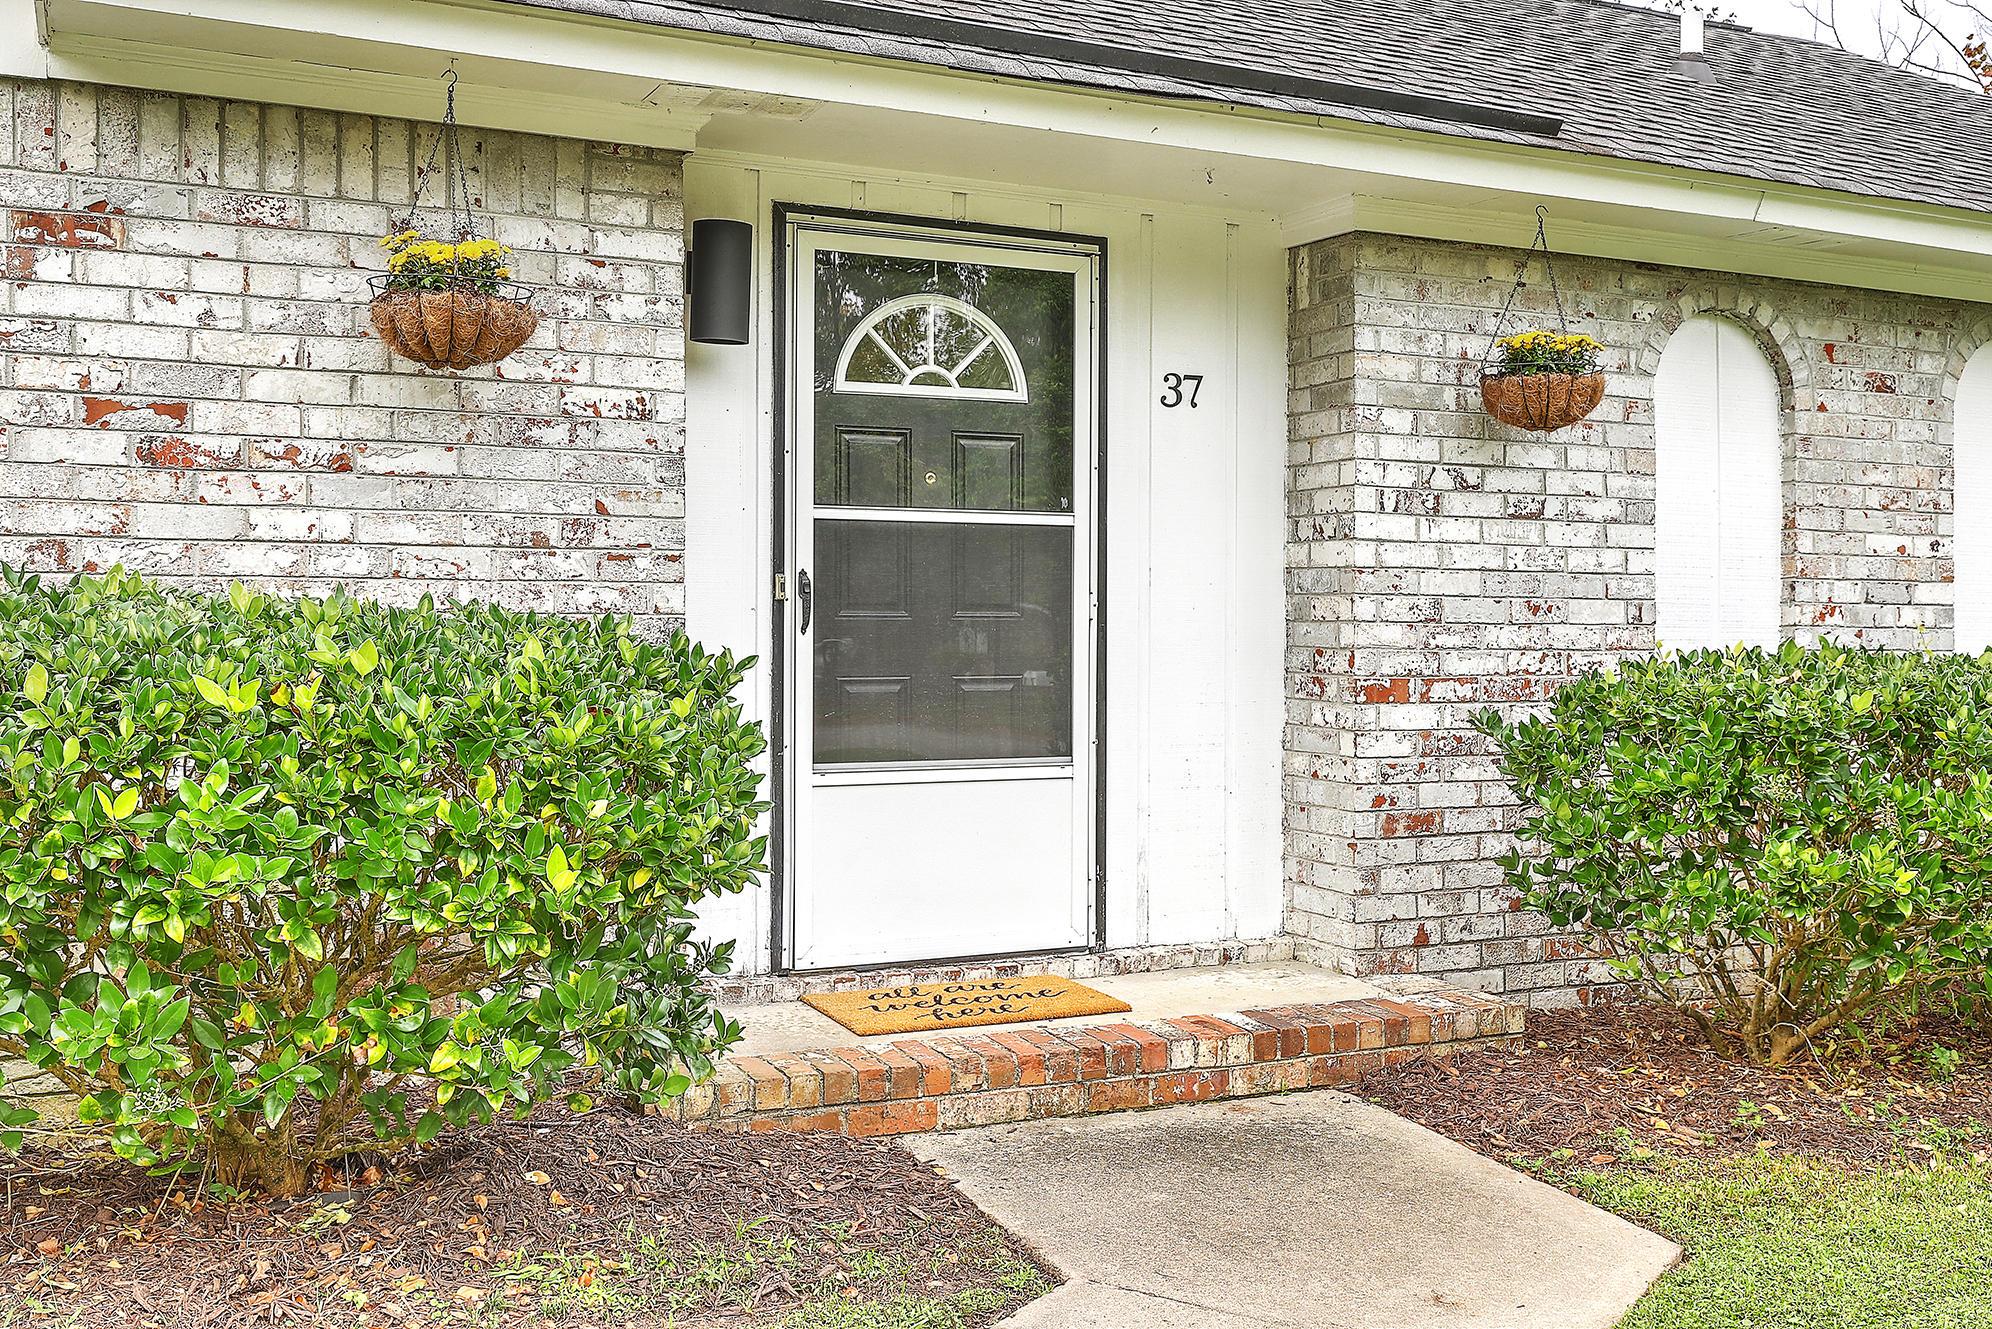 Willowbrook I Homes For Sale - 37 Delaware, Goose Creek, SC - 25